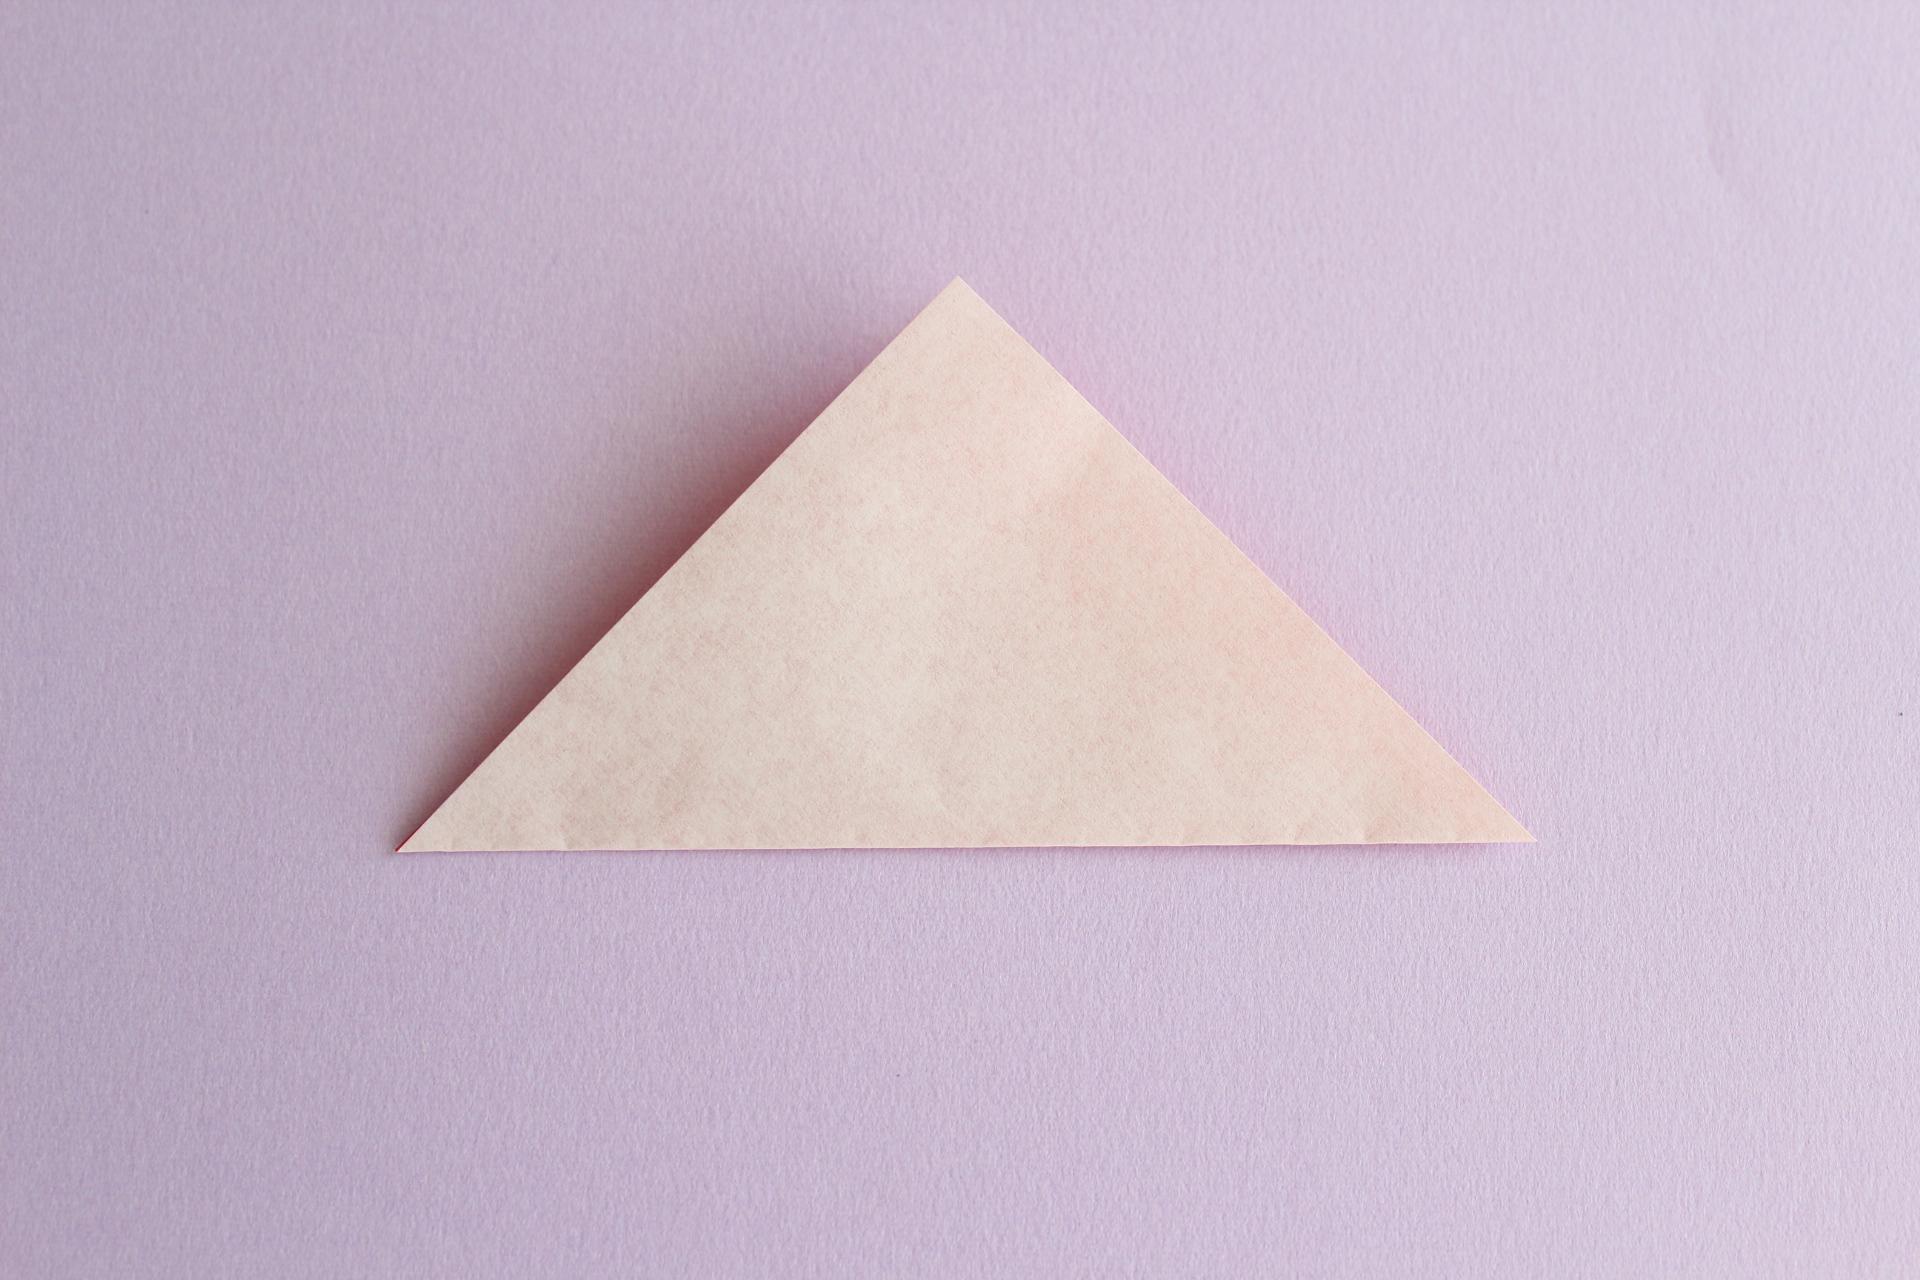 トリの折り方2